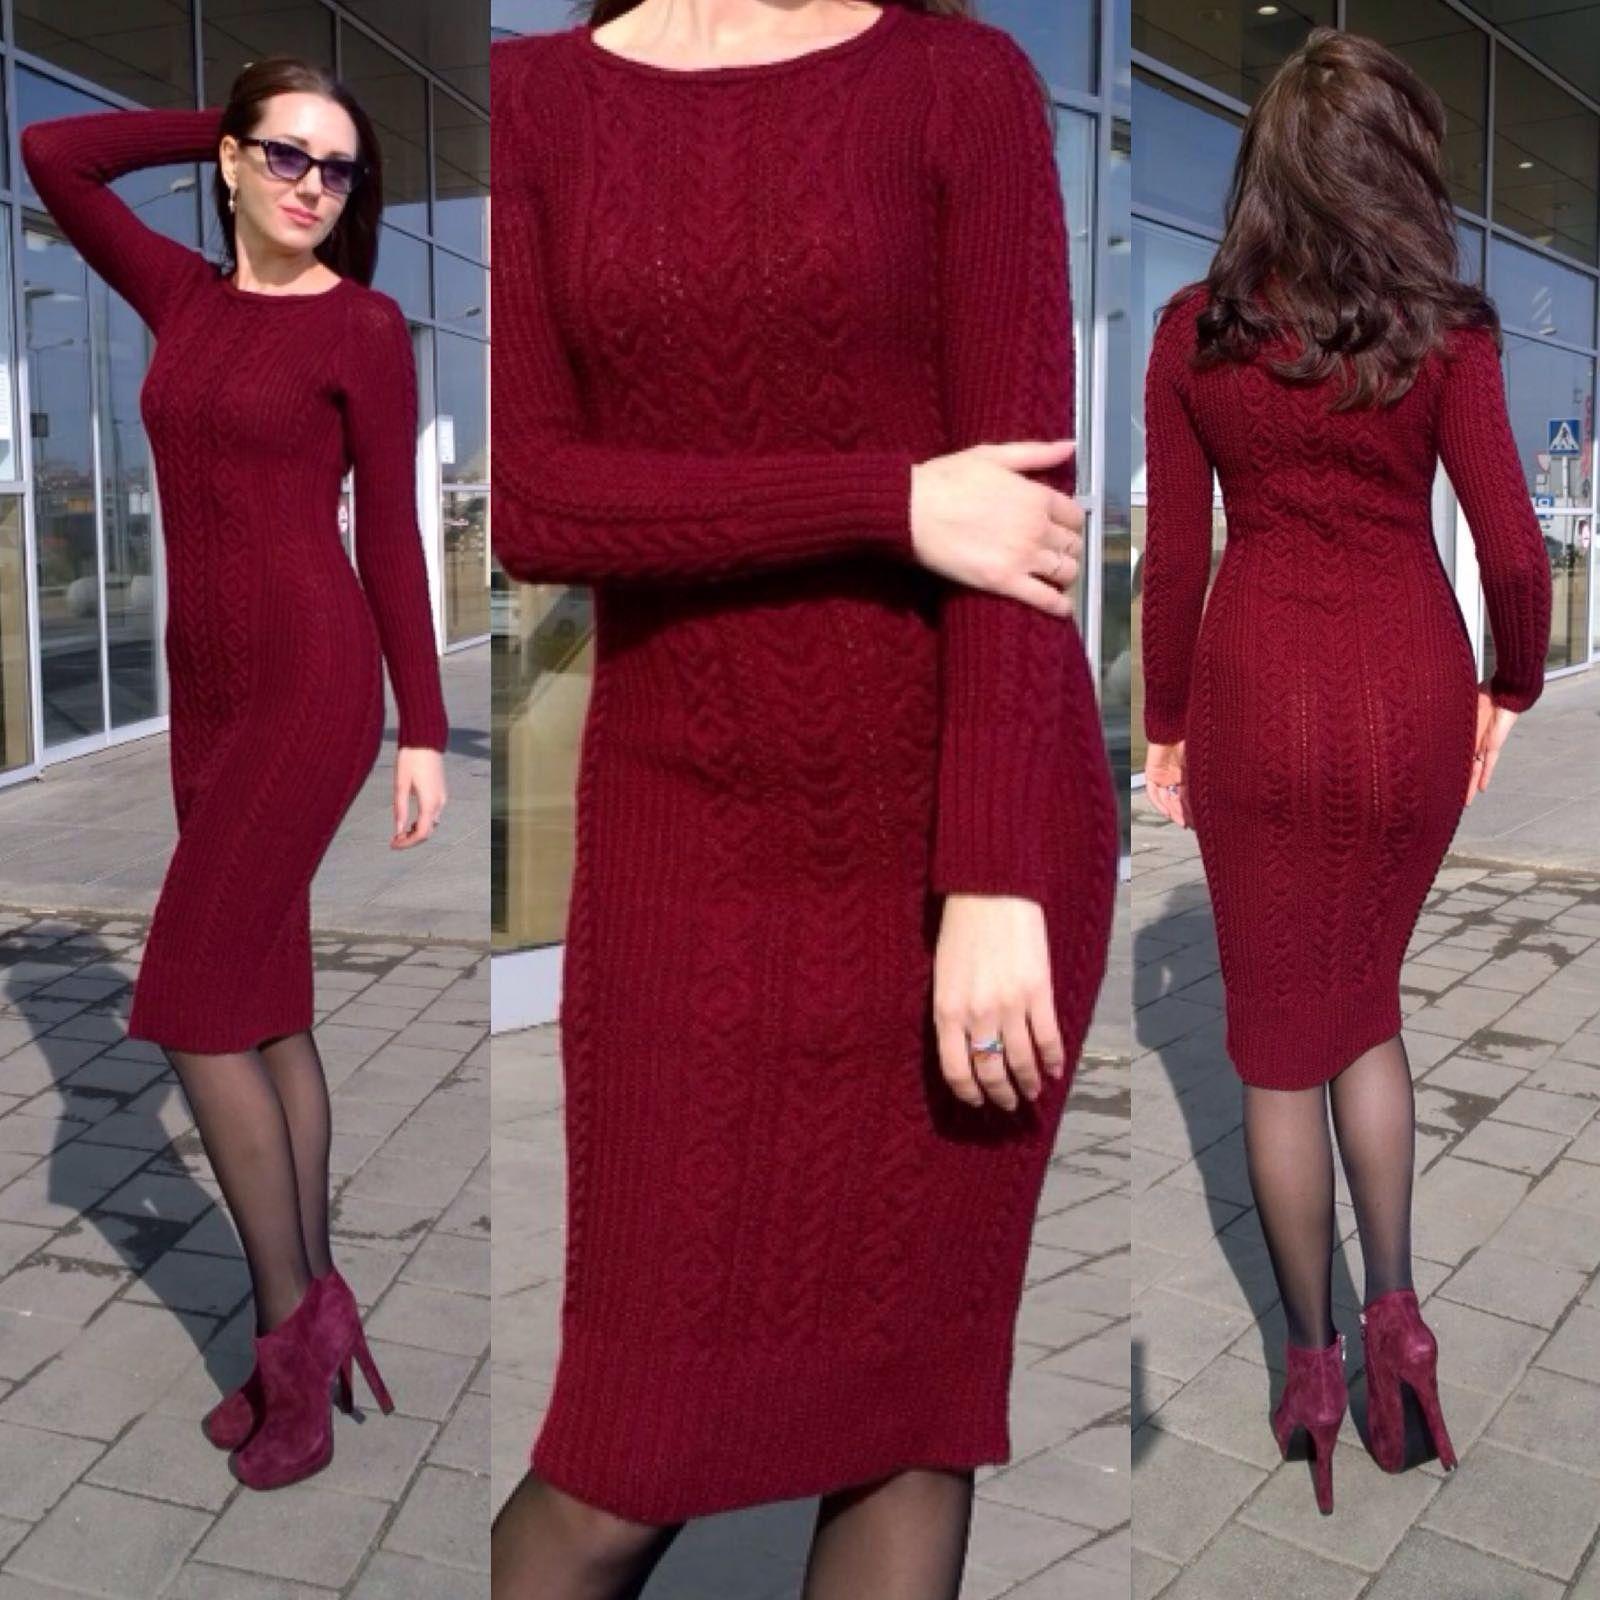 Облегающее платье Марсала в разделе Вяжем сами на verena.ru ... 504e7548519